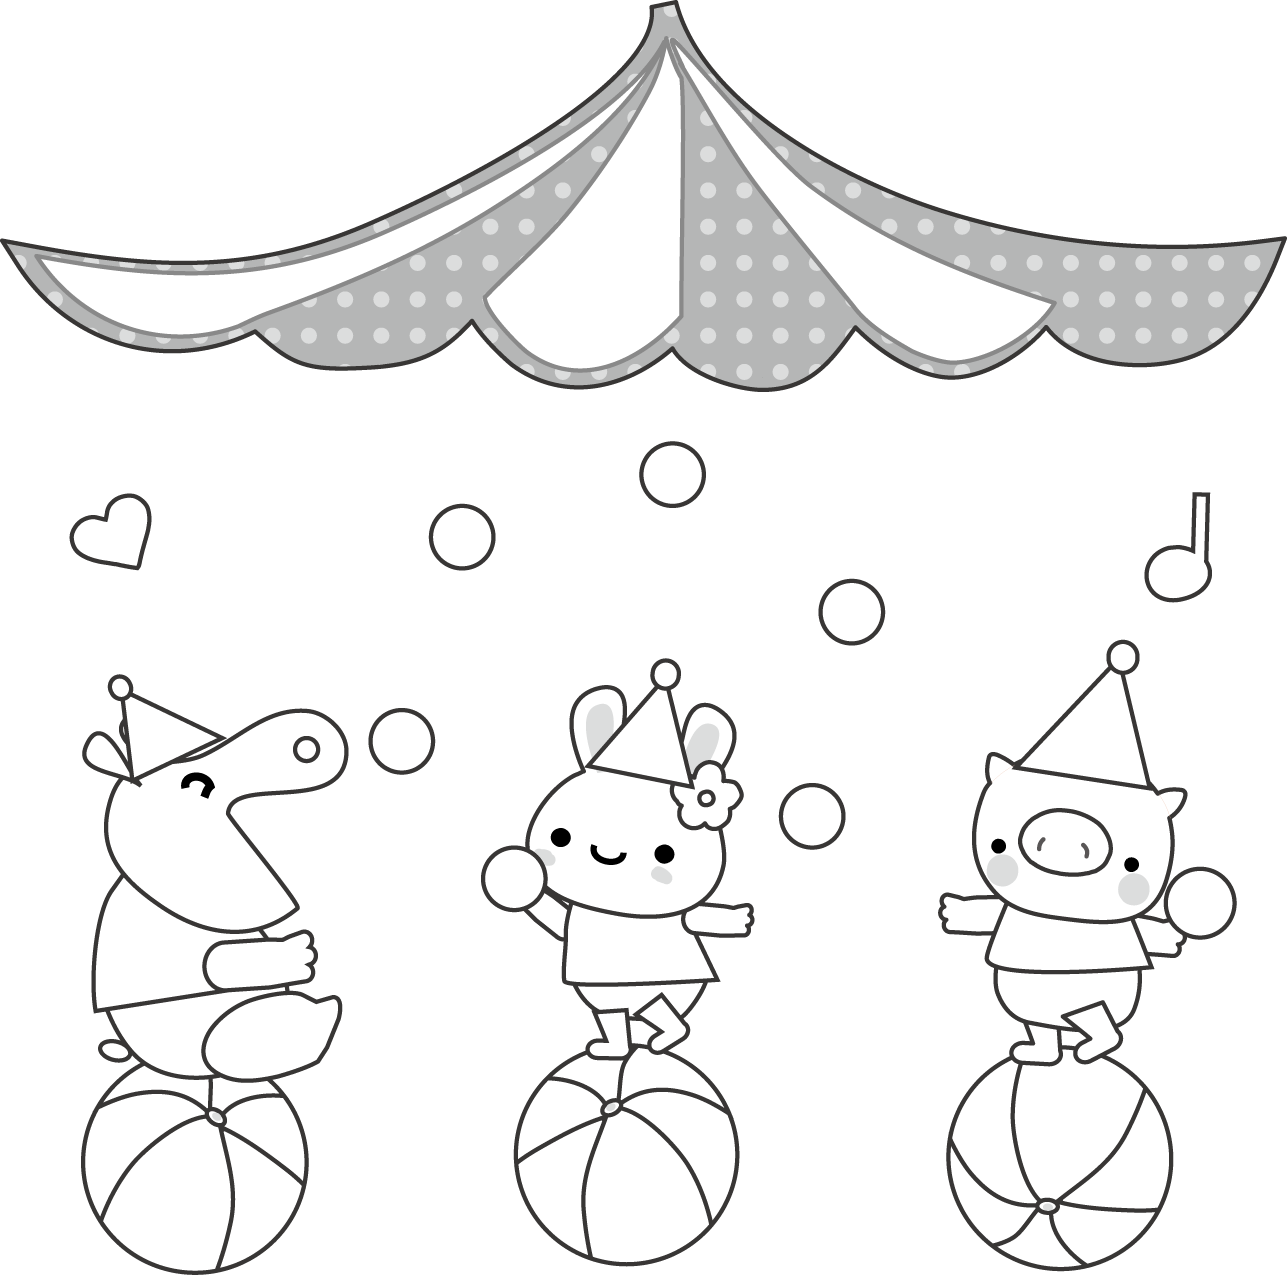 動物たちのサーカスのイラスト・無料イラスト素材